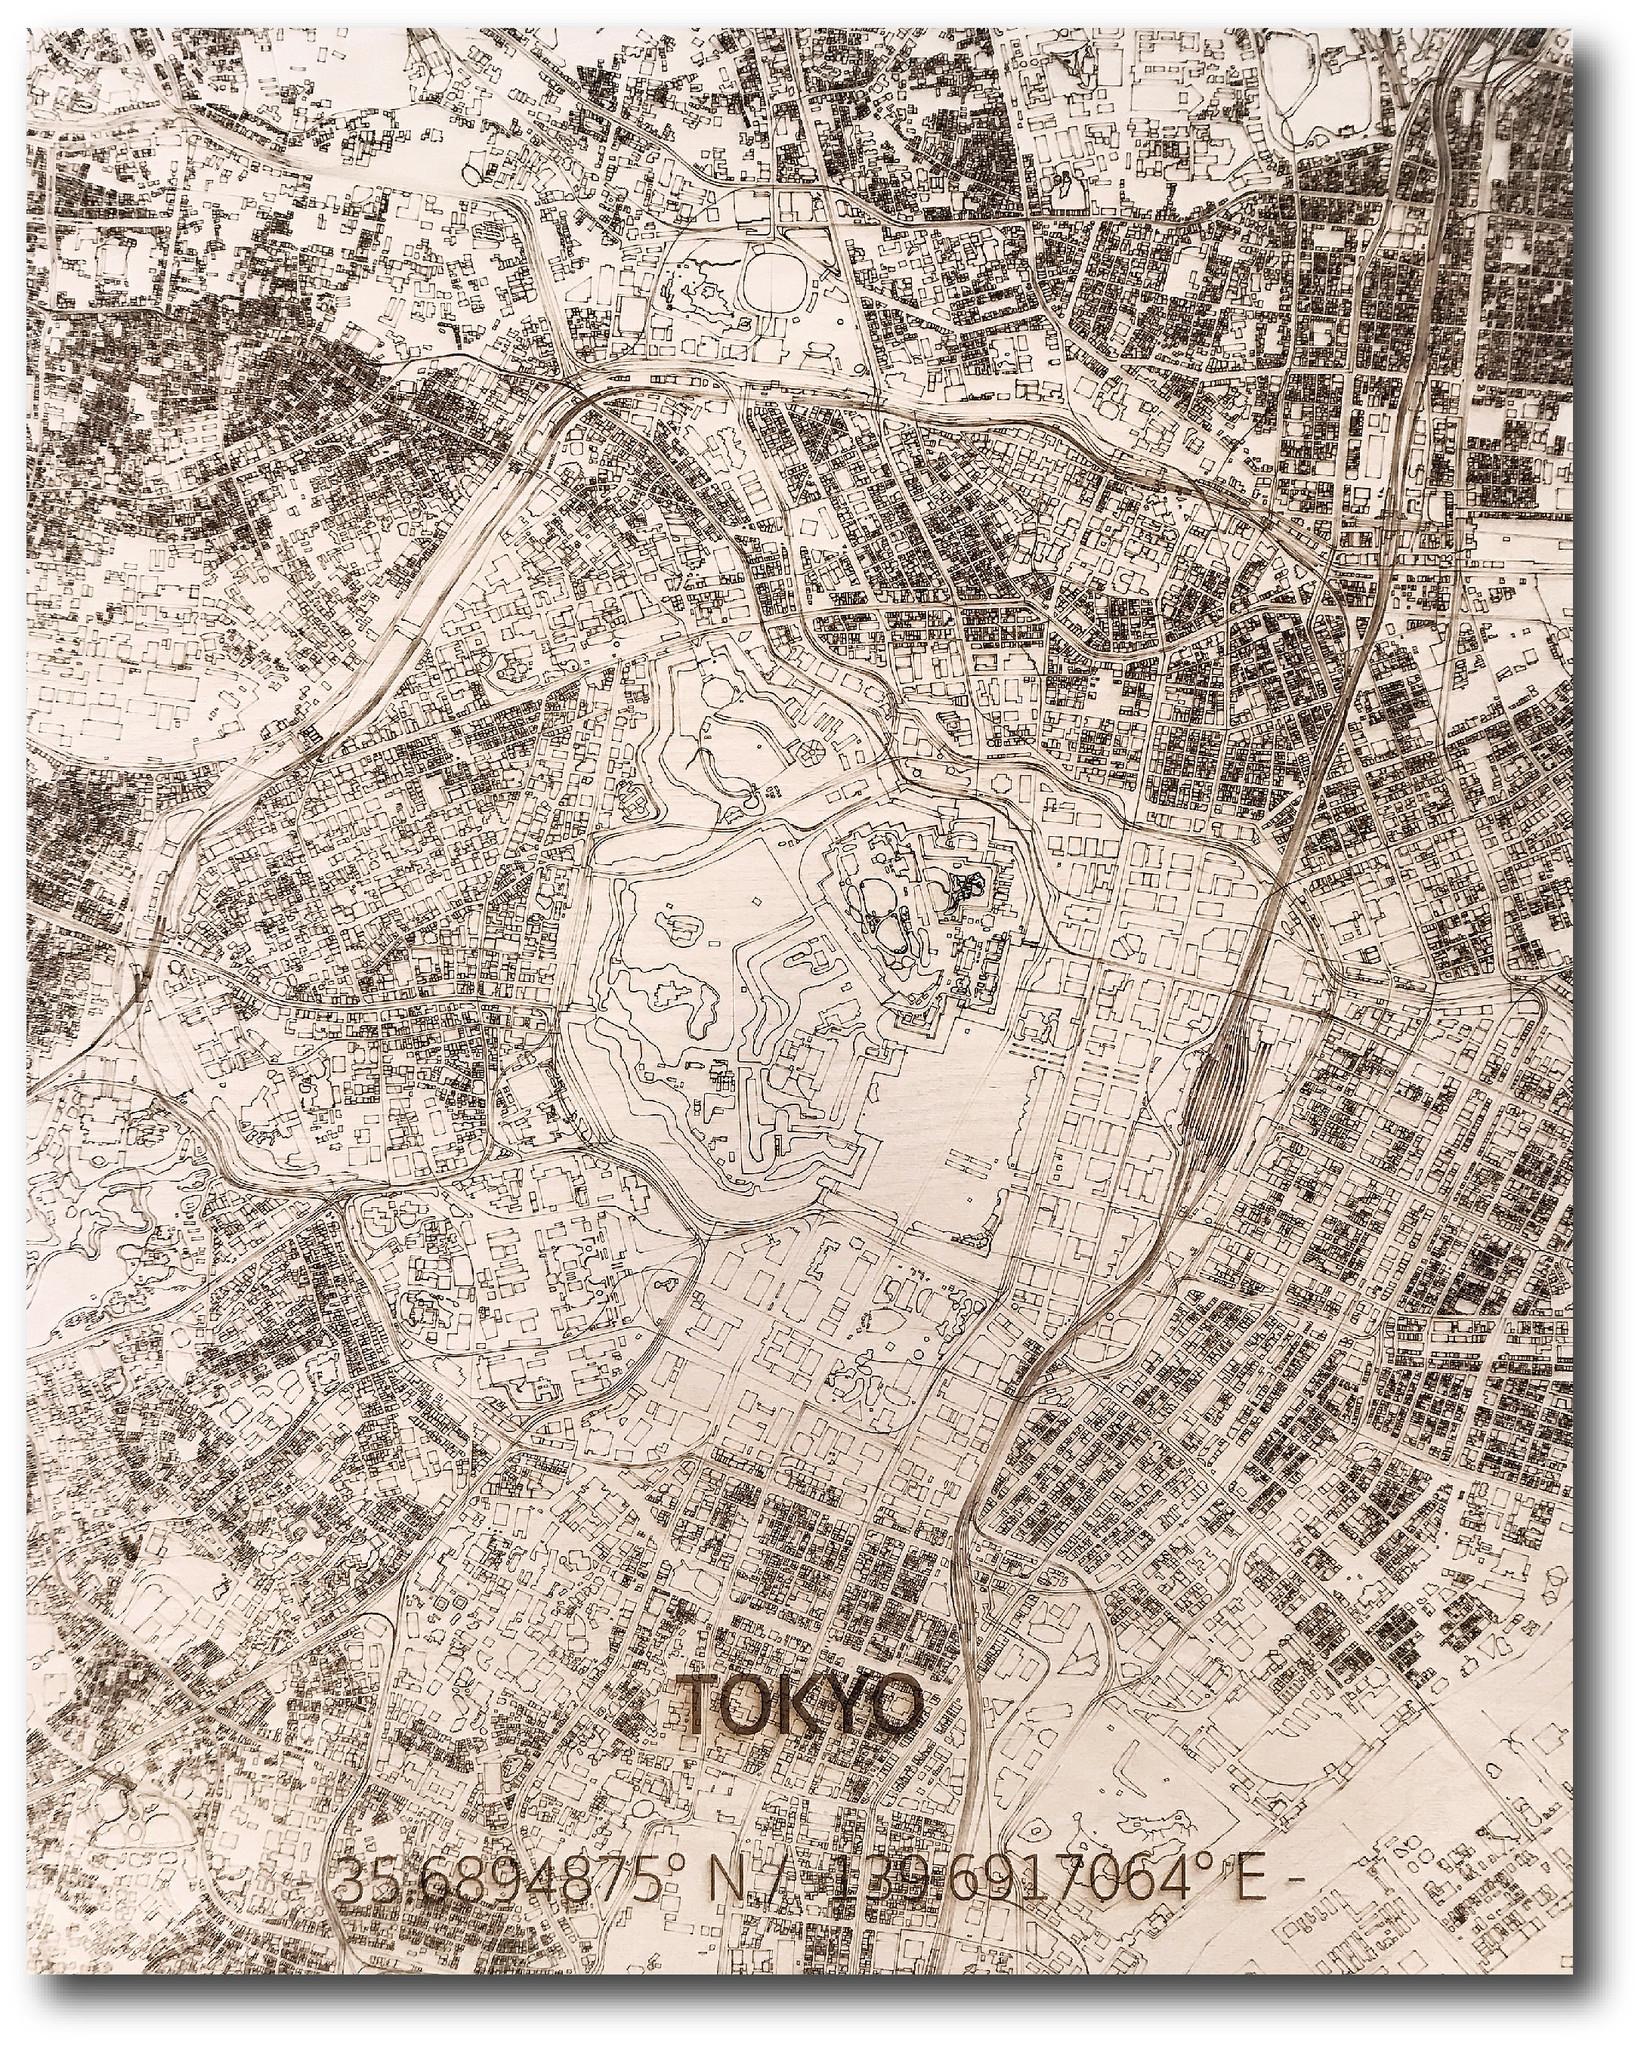 Stadtplan Tokio | Wanddekoration Holz-1